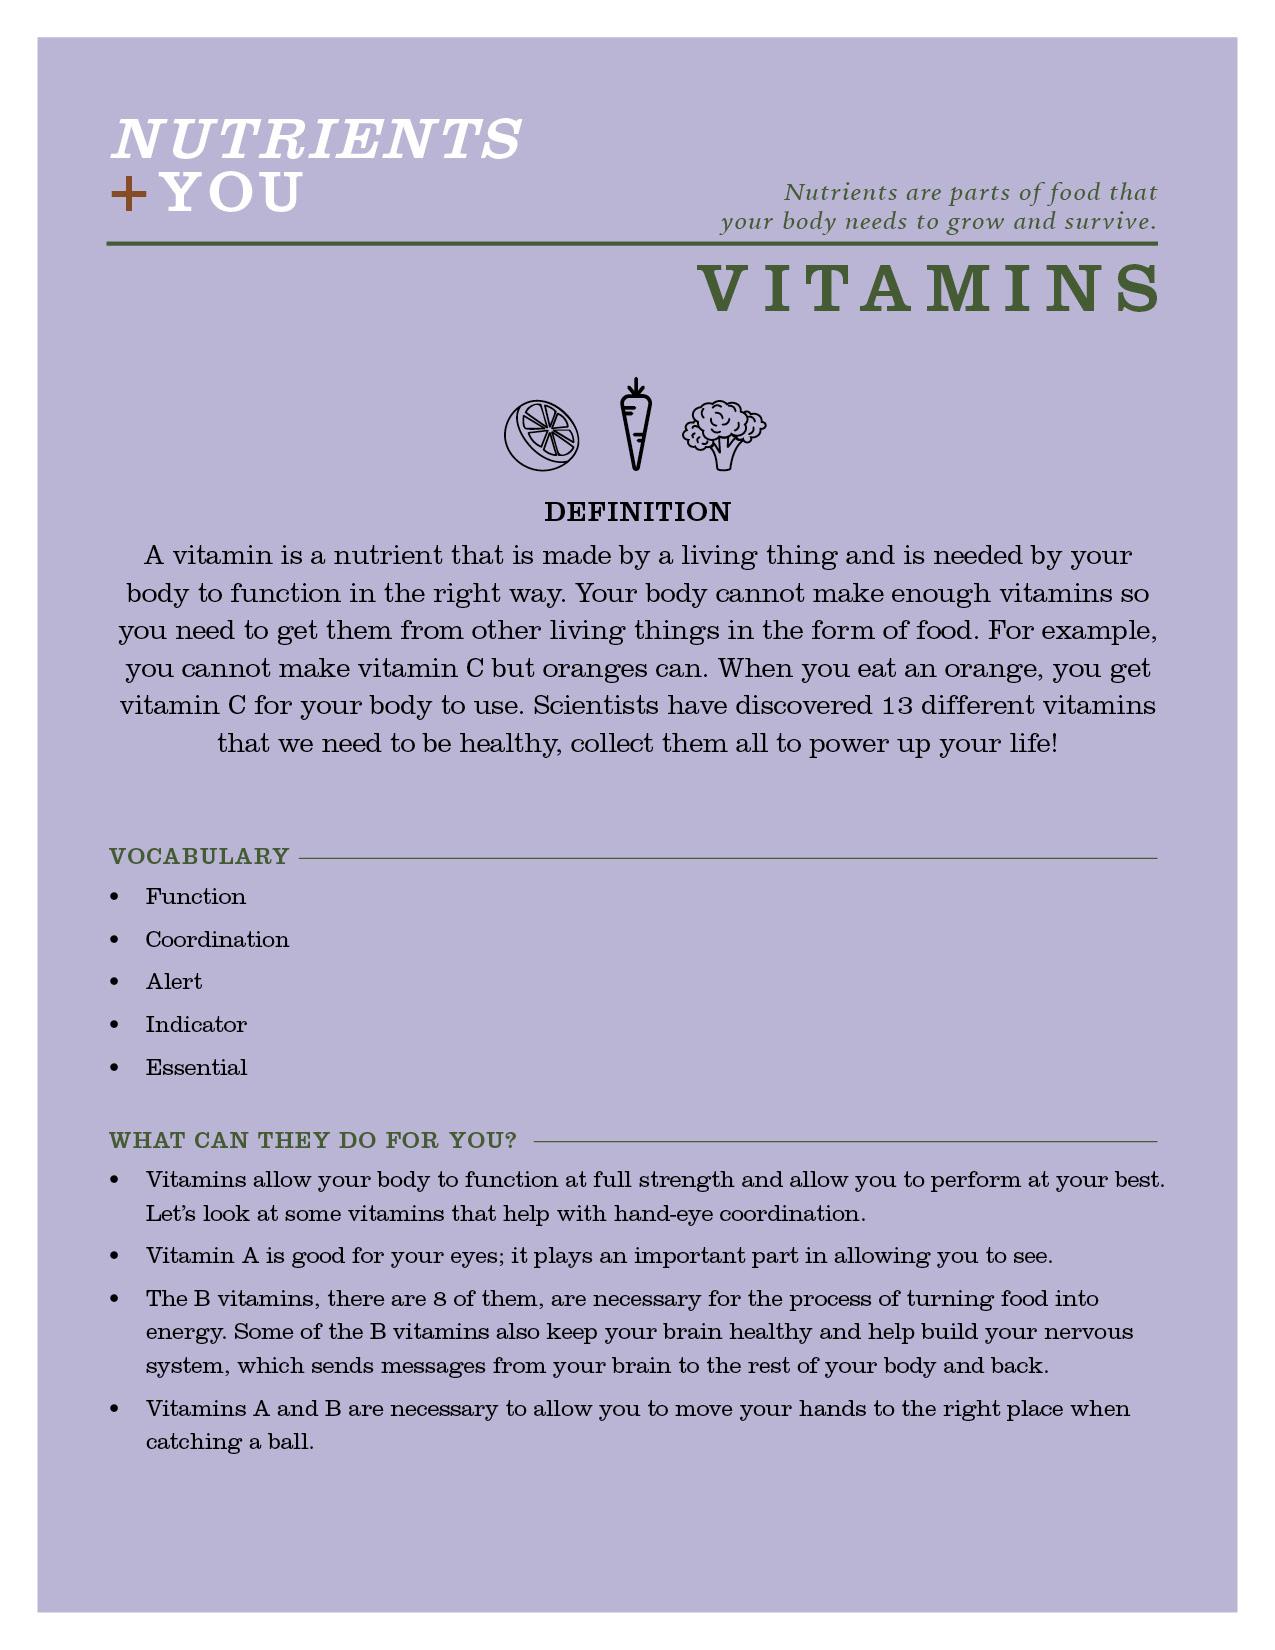 Nutrients+You_Vitamins.jpg